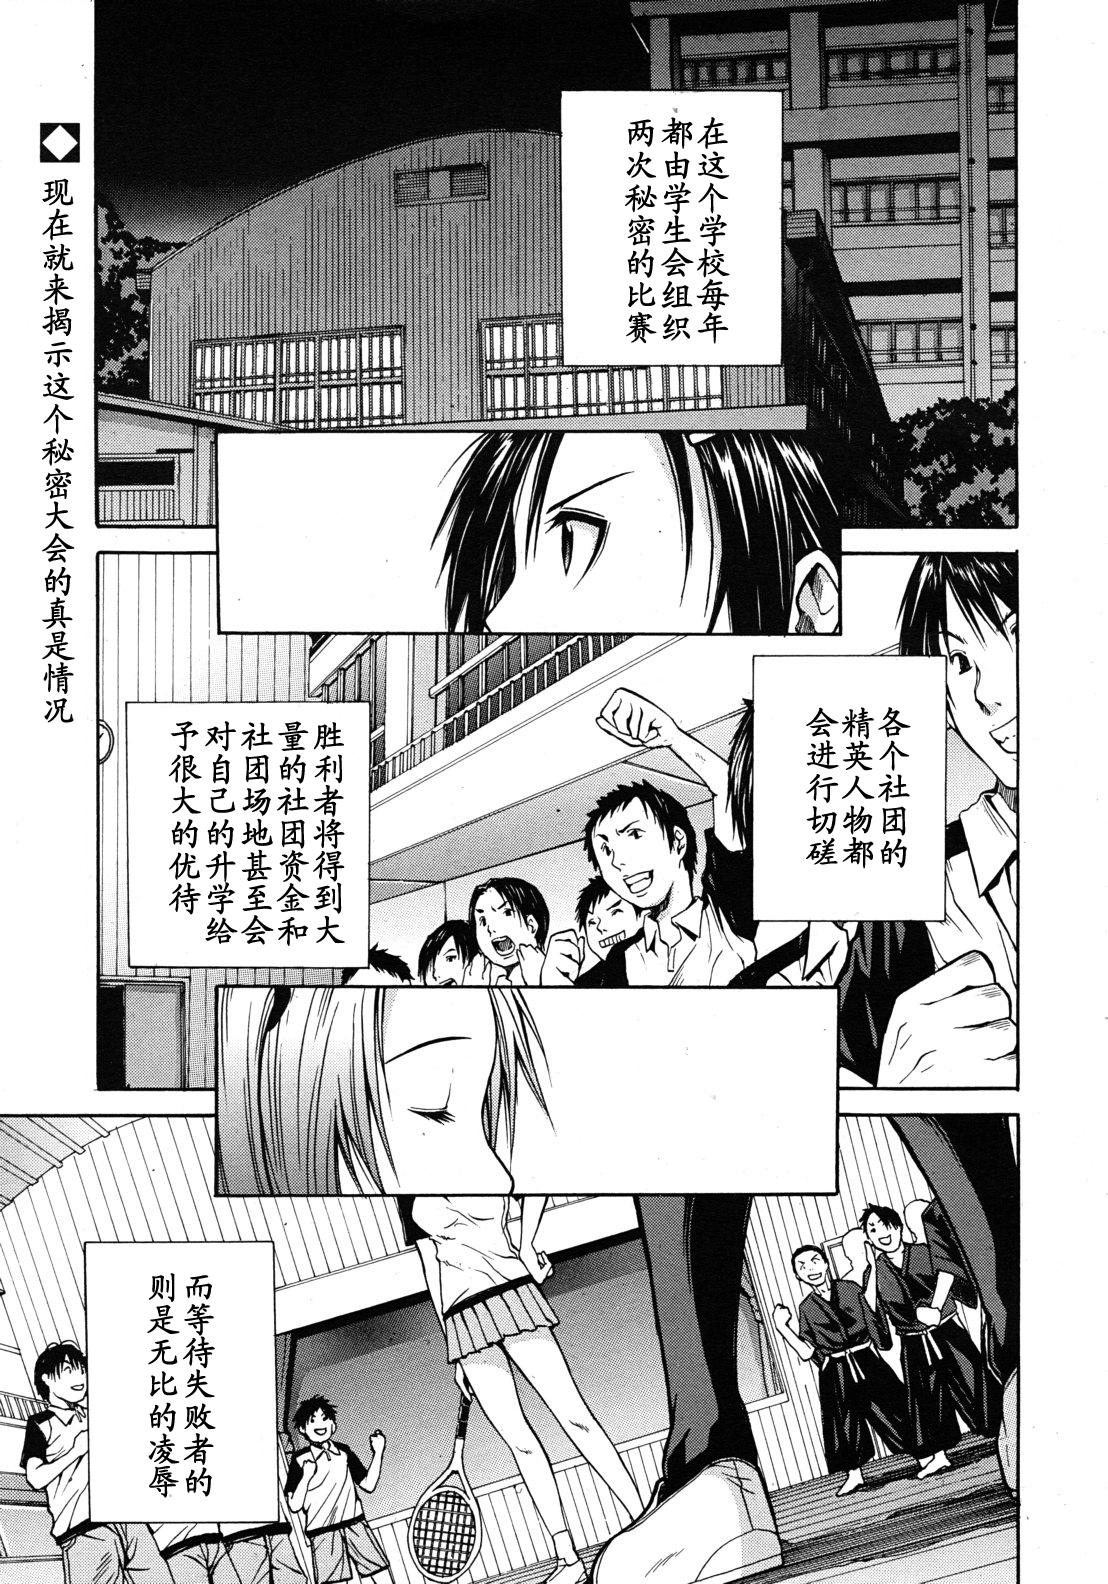 [千要よゆち]ミダレマウ(Chinese)